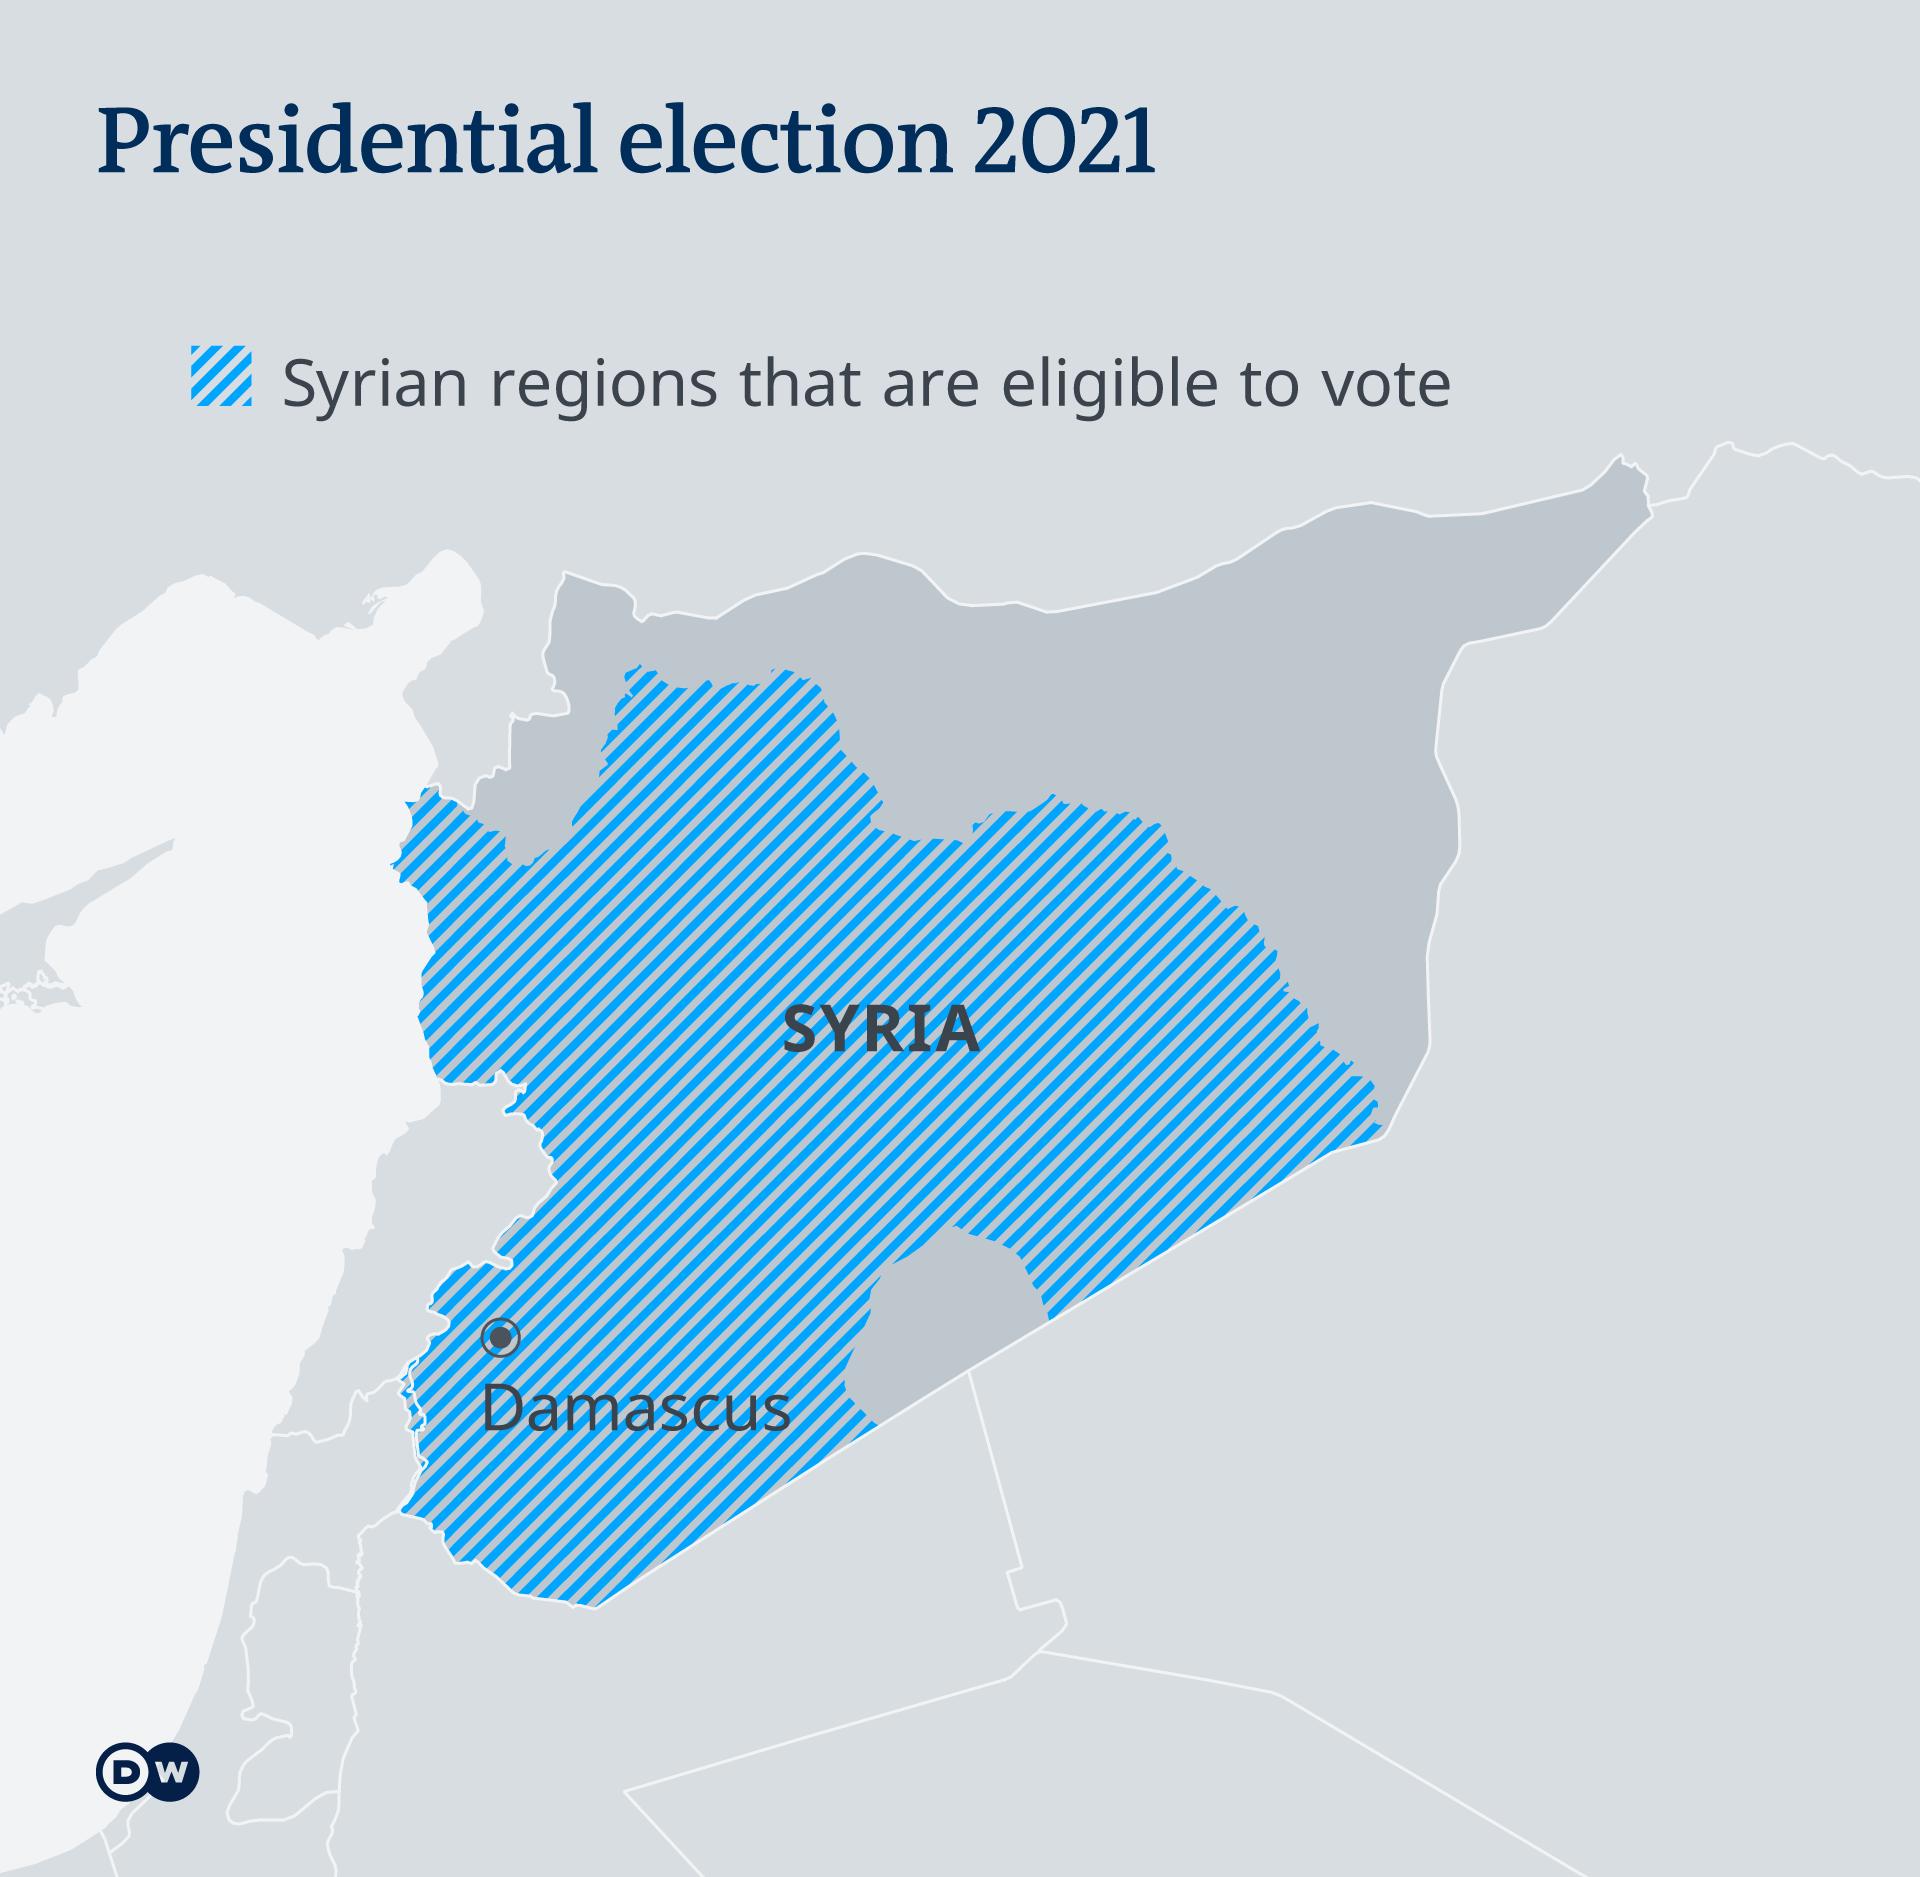 Kawasan yang diizinkan mengikuti pemilu di Suriah (arsir biru)